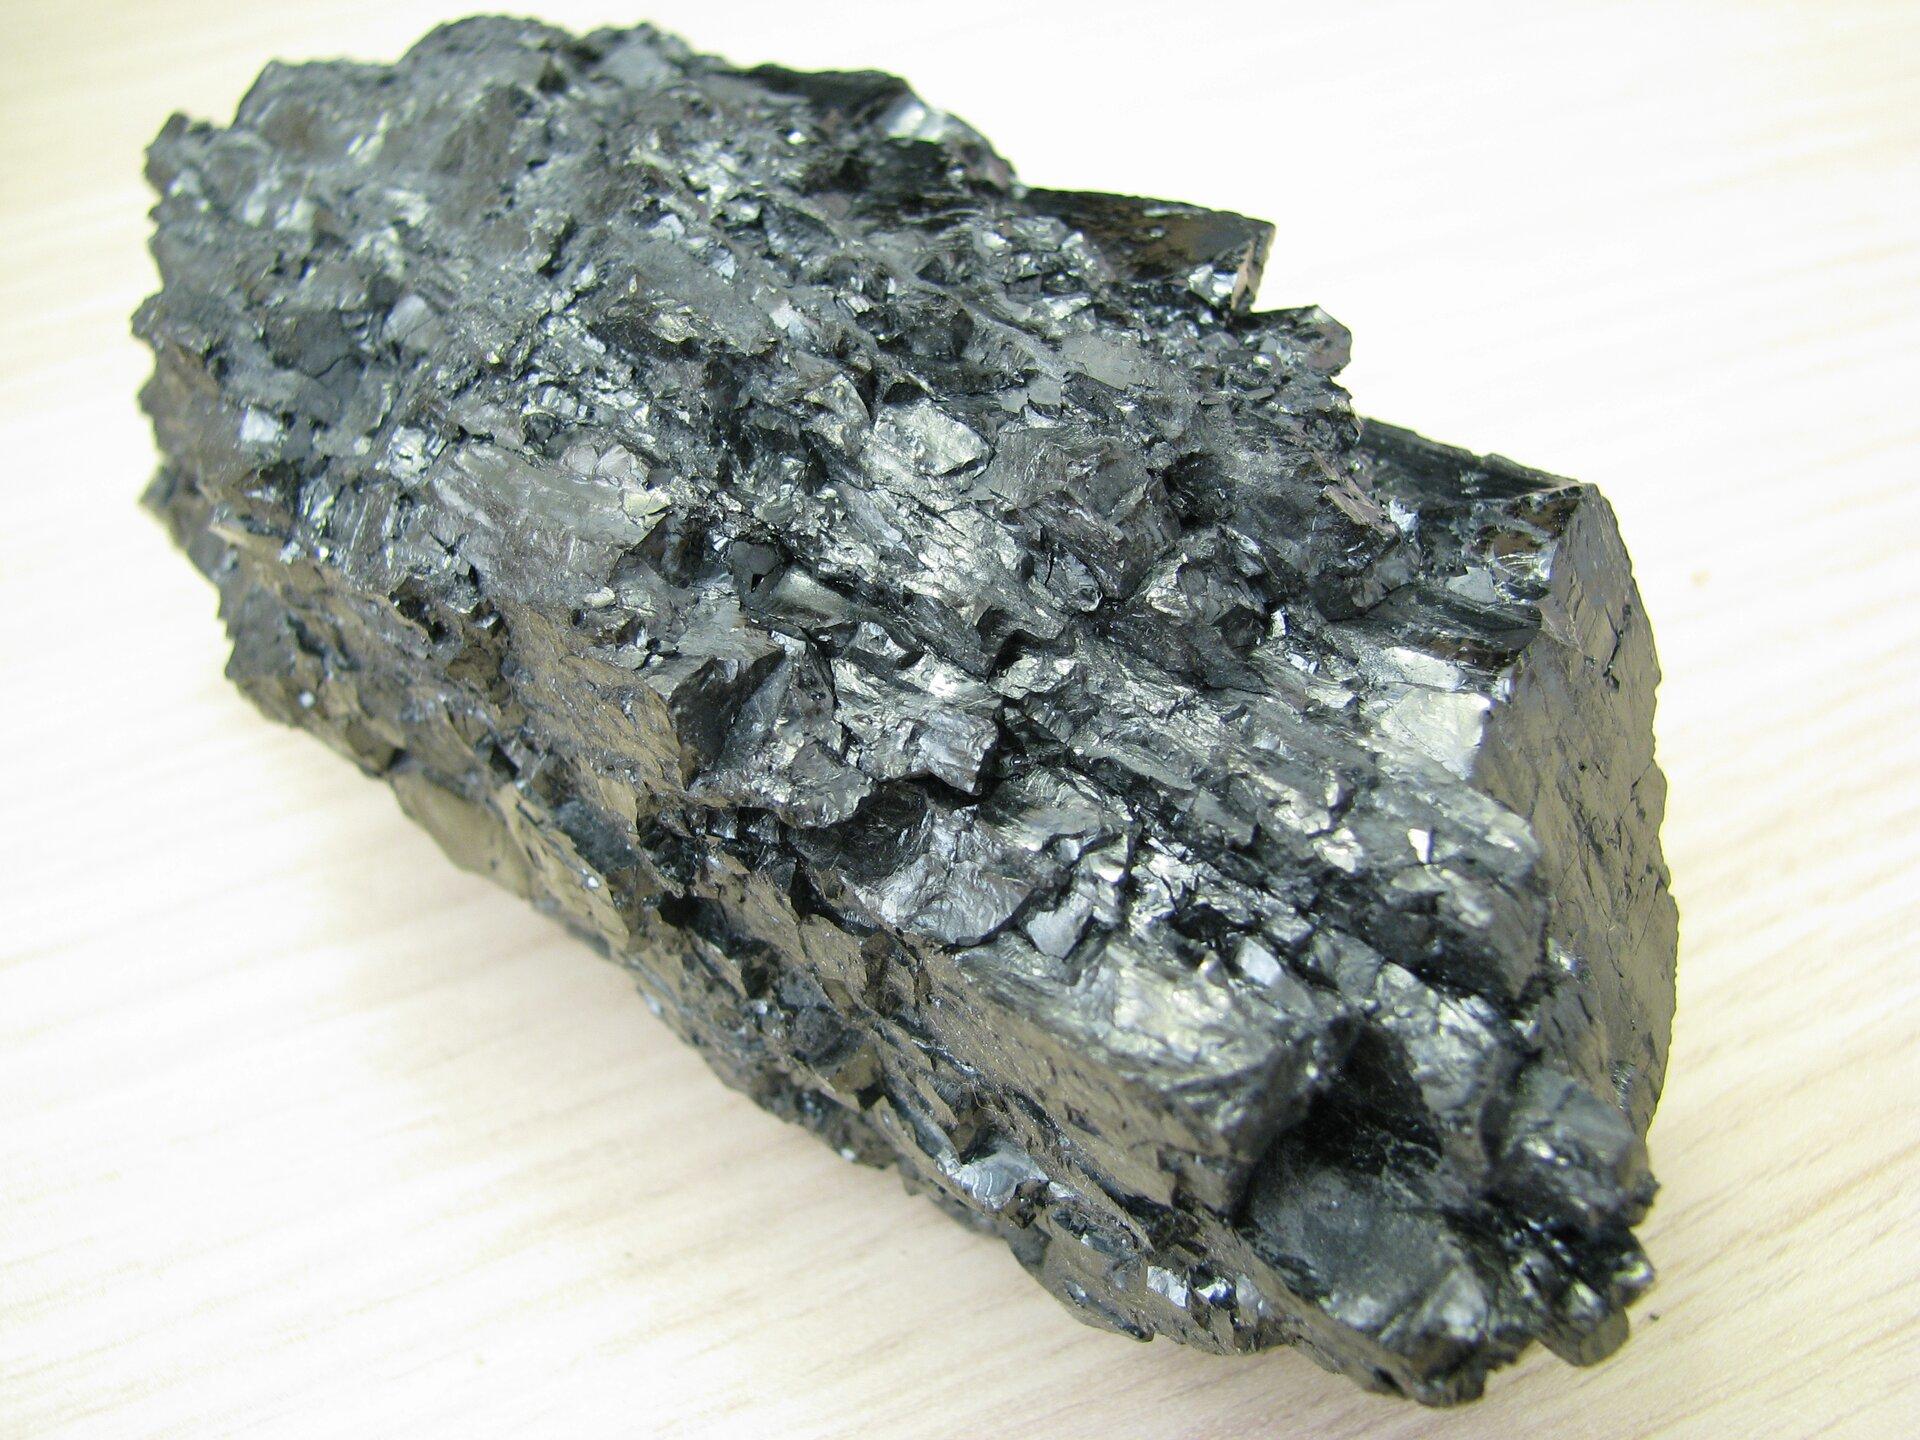 Na zdjęciu przedstawiona jest bryła węgla kamiennego – ma czarną barwę, matowy połysk.